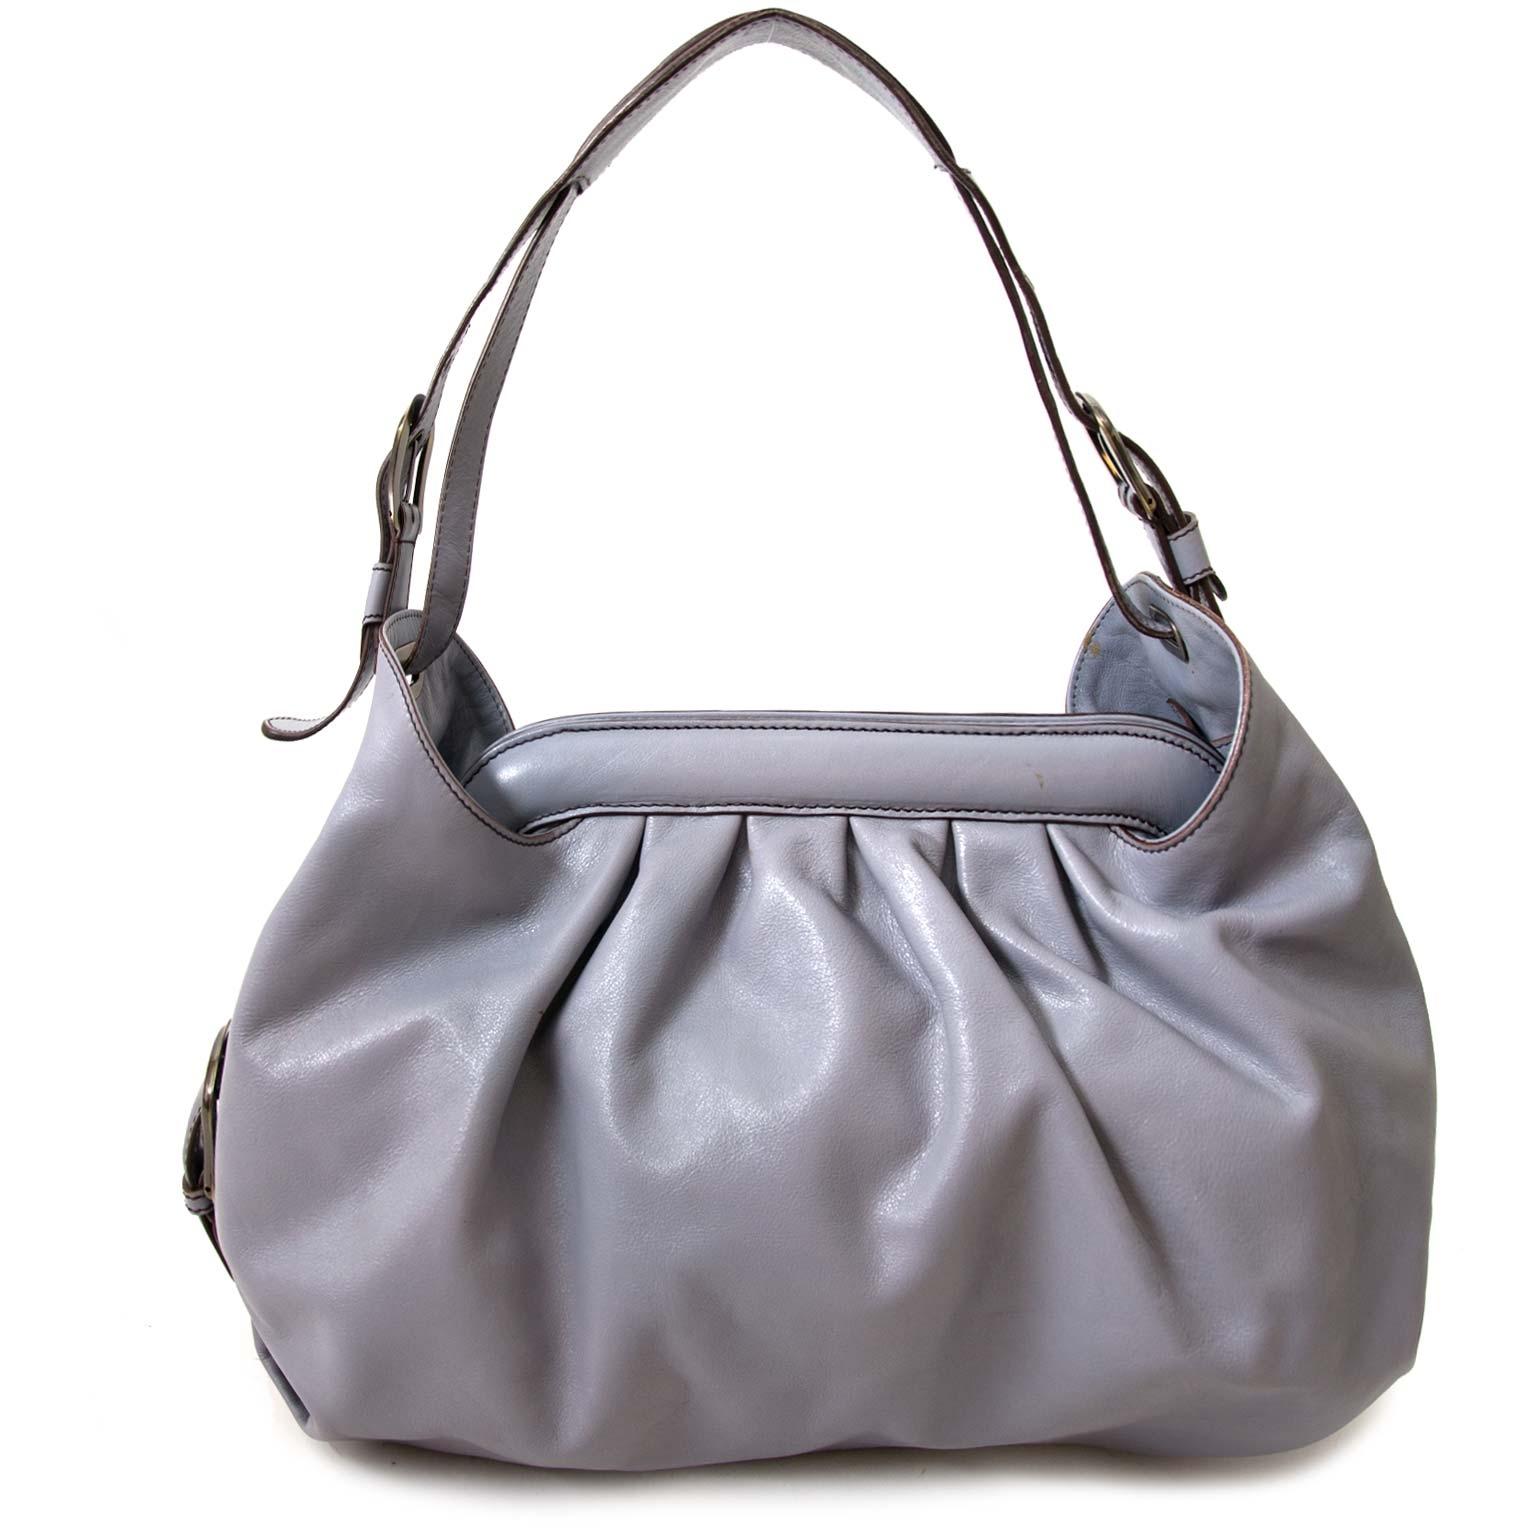 98648a6280 ... koop authentieke fendi grijs blauw dokter tas bij labellov vintage mode  webshop